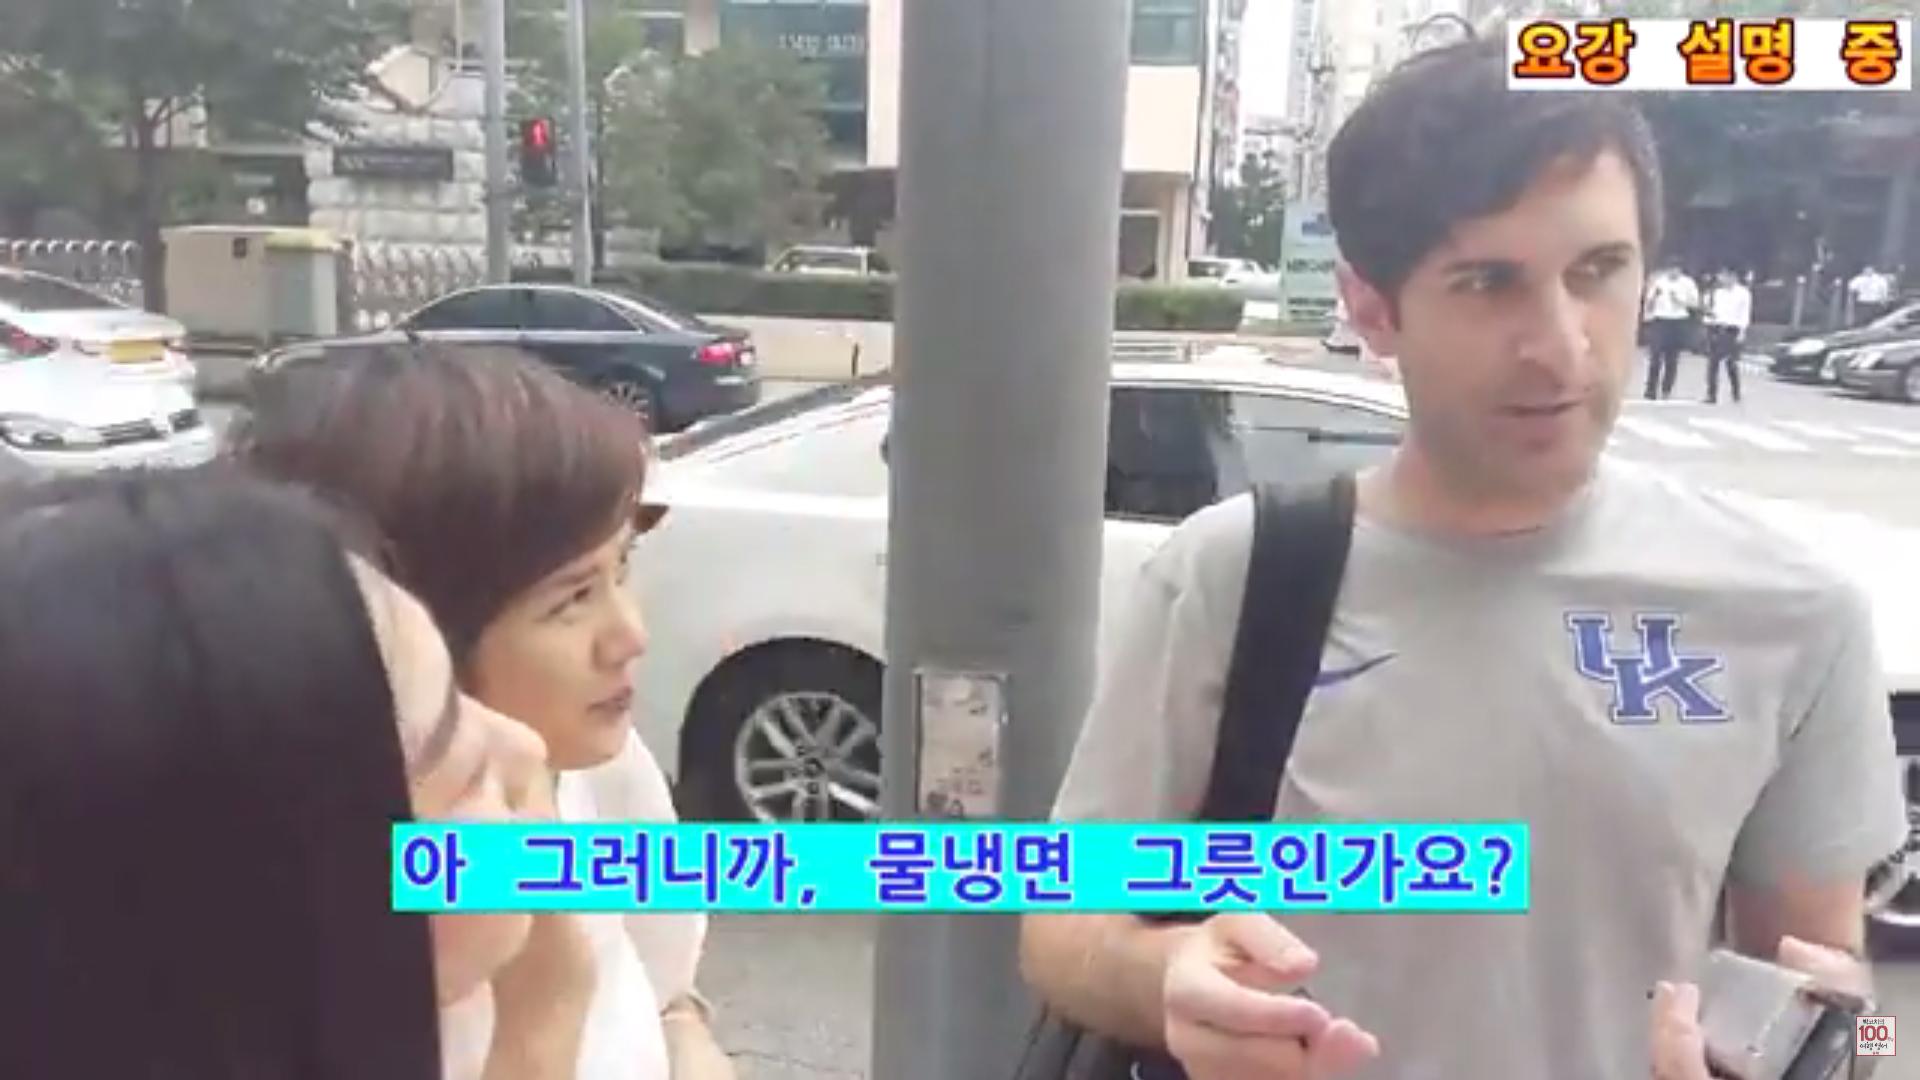 [강남1위박코치어학원] 영어로 말하됩니다. 초보자도 심지어!